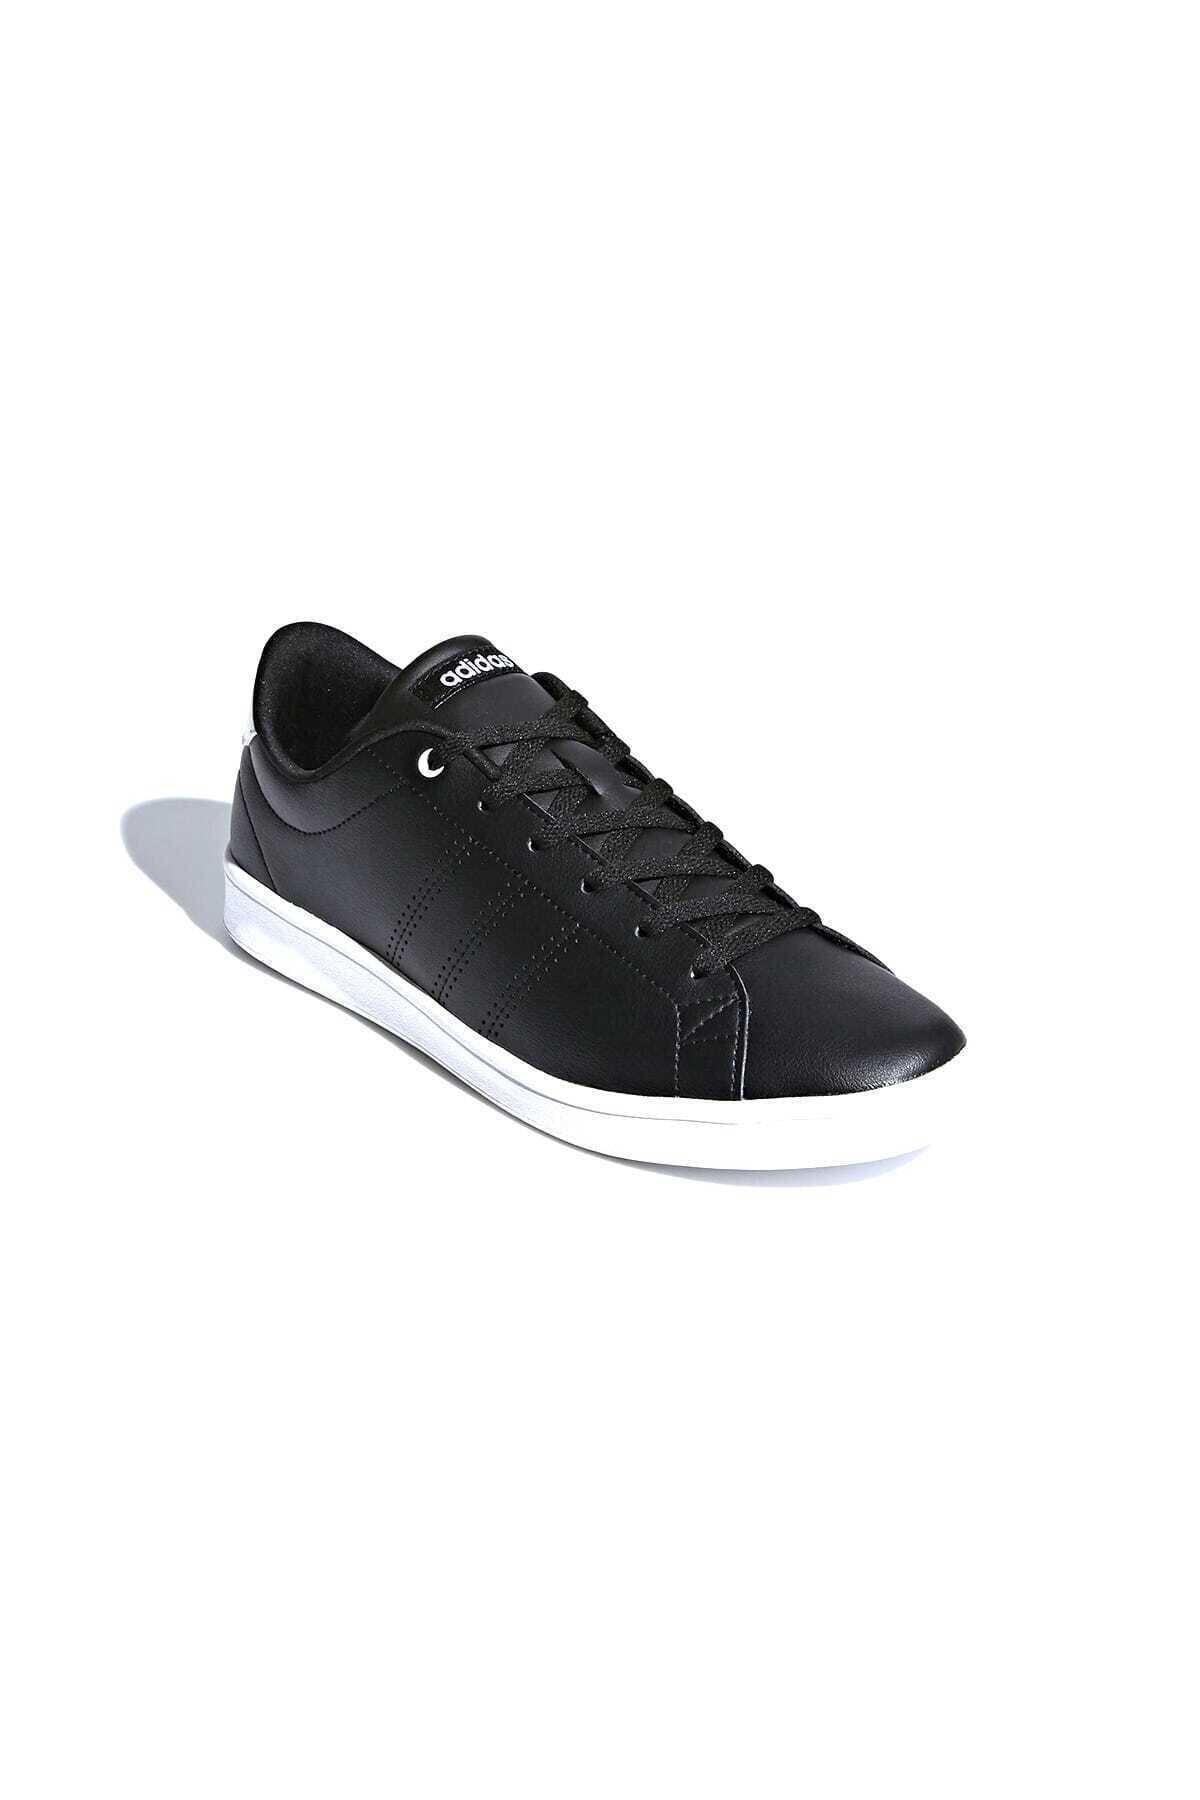 adidas ADVANTAGE CLEAN QT Siyah Beyaz Kadın Sneaker 100322717 1